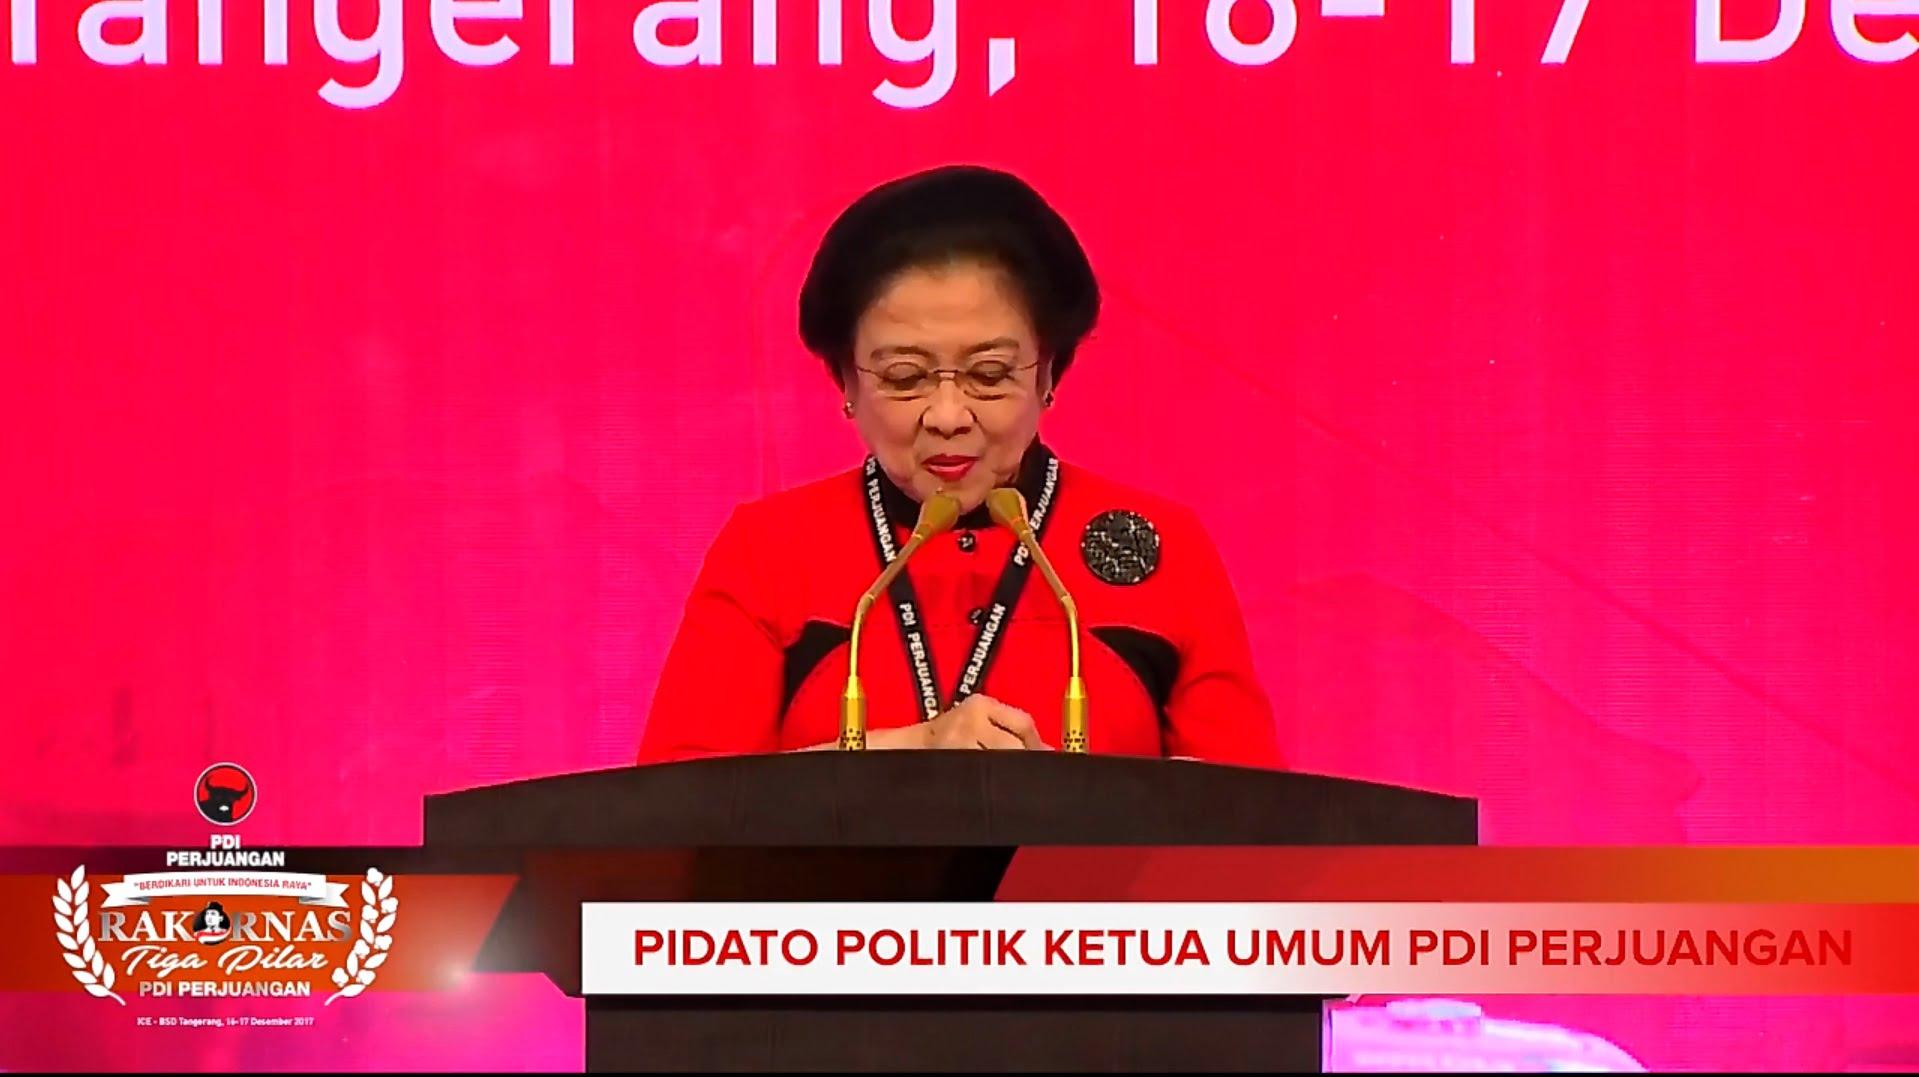 Photo of Pidato Politik Ketua Umum Rakornas Tiga Pilar PDI Perjuangan